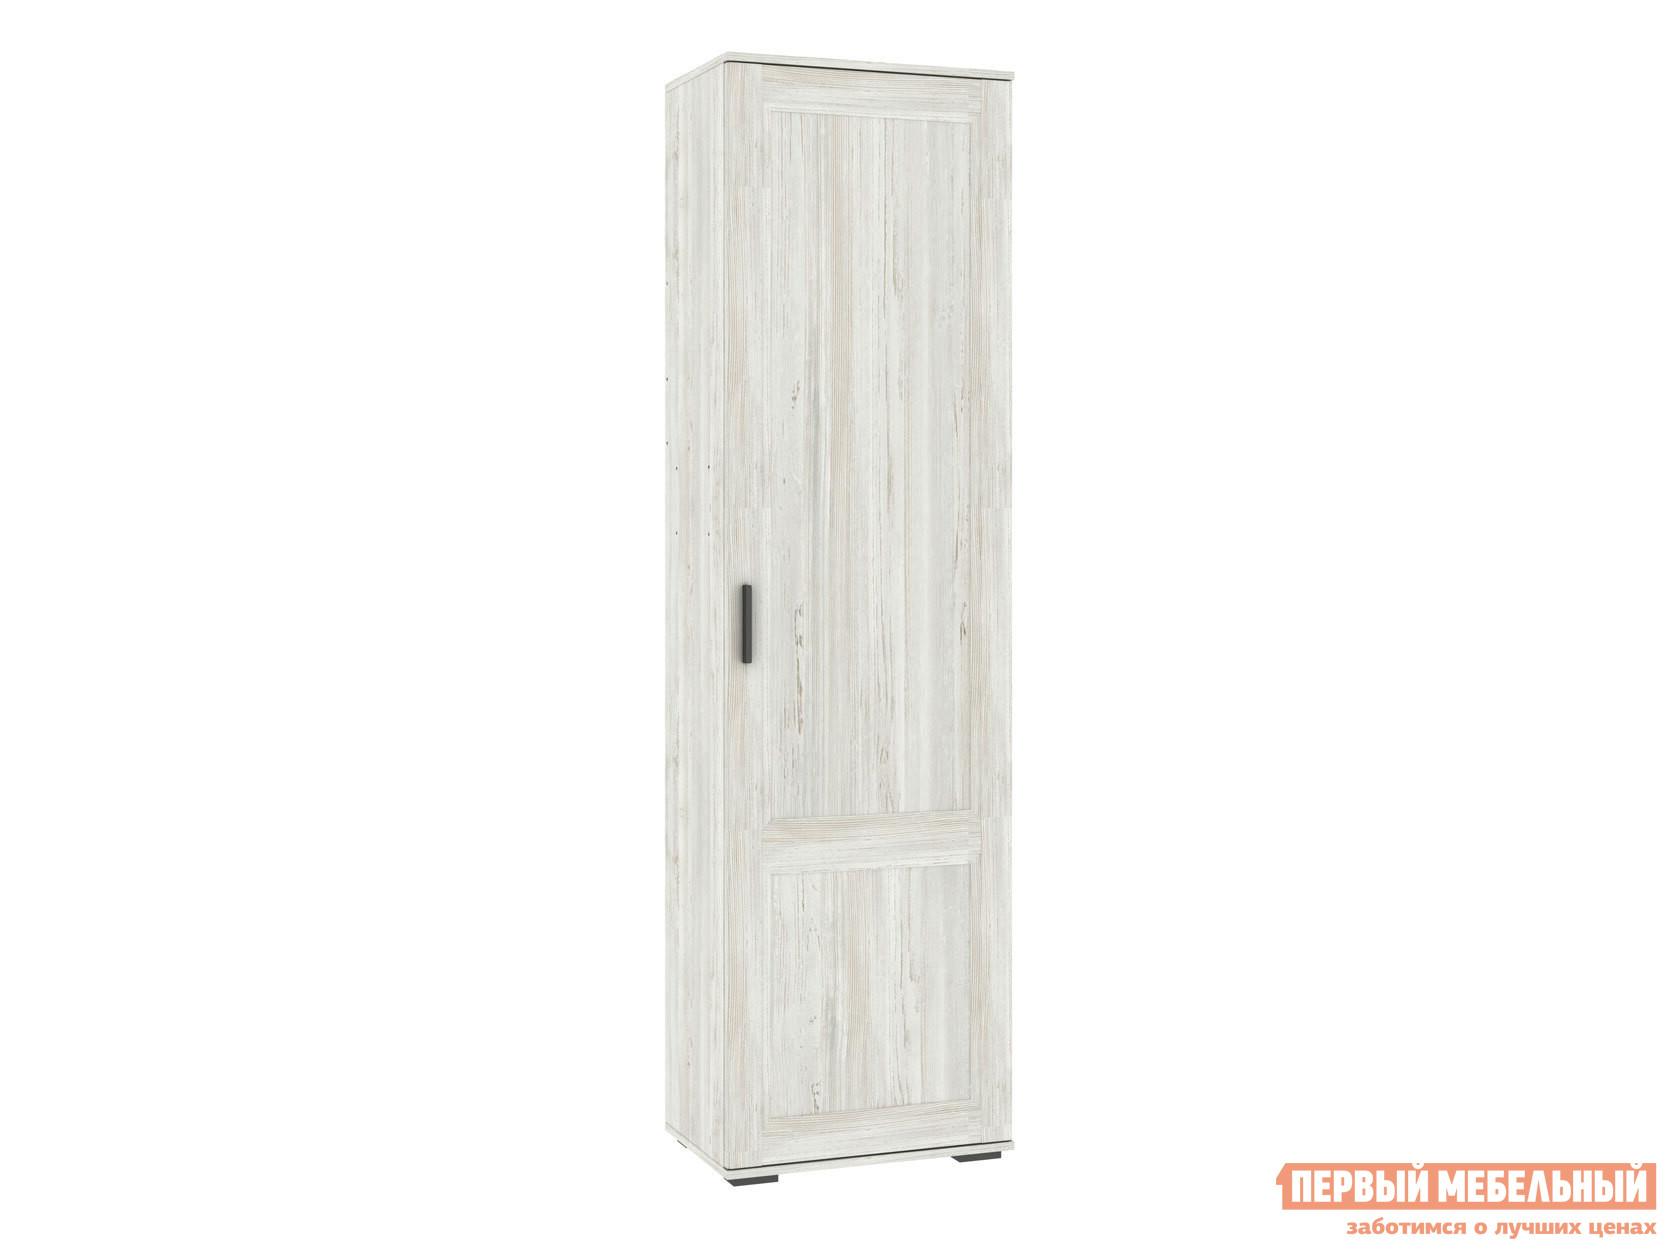 Распашной шкаф Первый Мебельный Шкаф НЕО 1-дв для одежды fu1 01 ch 23p шкаф 3 дв 1 1 1 с зерк паспарту шатура rimini bosco